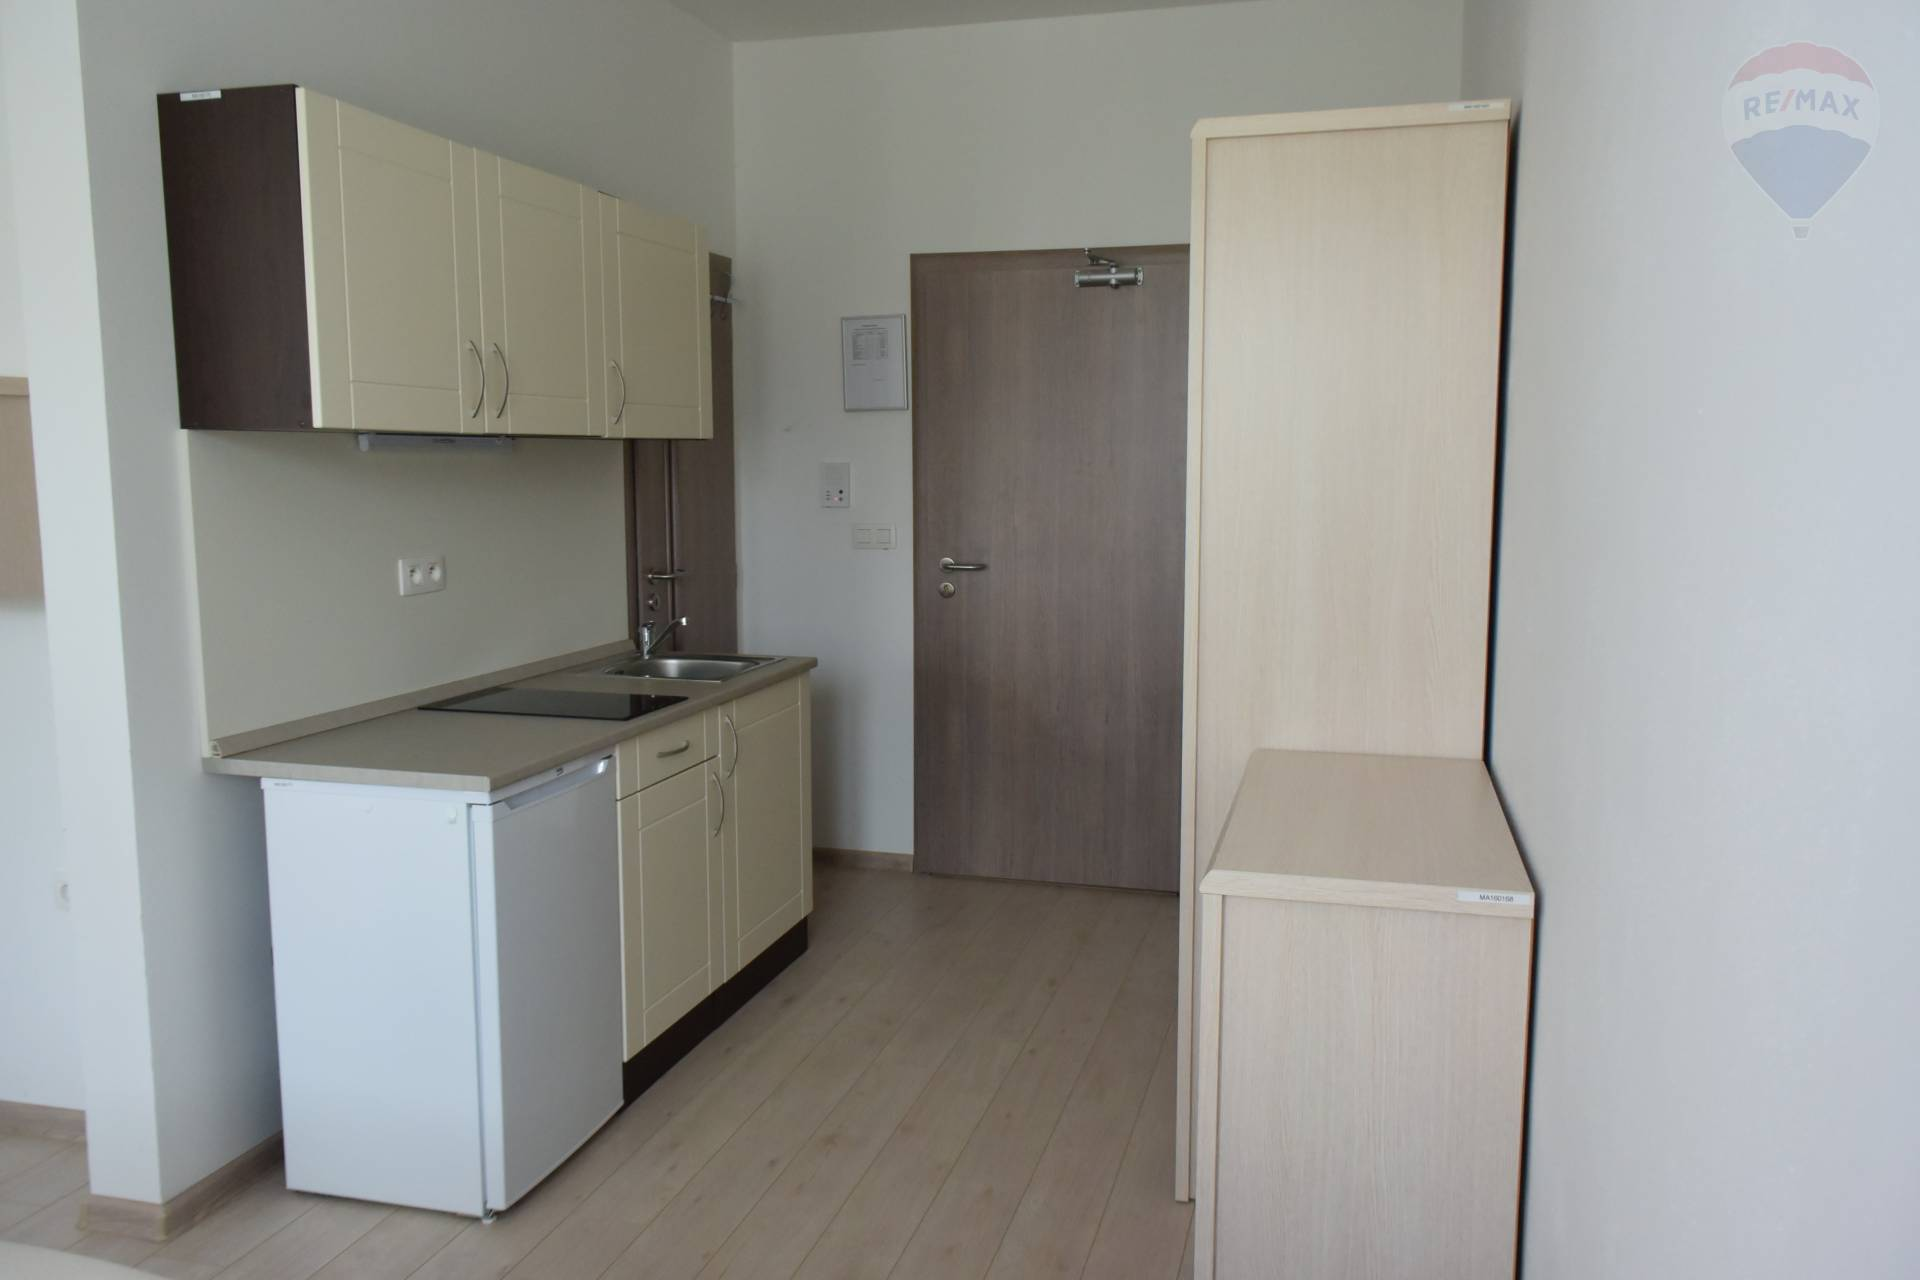 Prenájom bytu (garsónka) 24 m2, Martin - Dušan Stančík